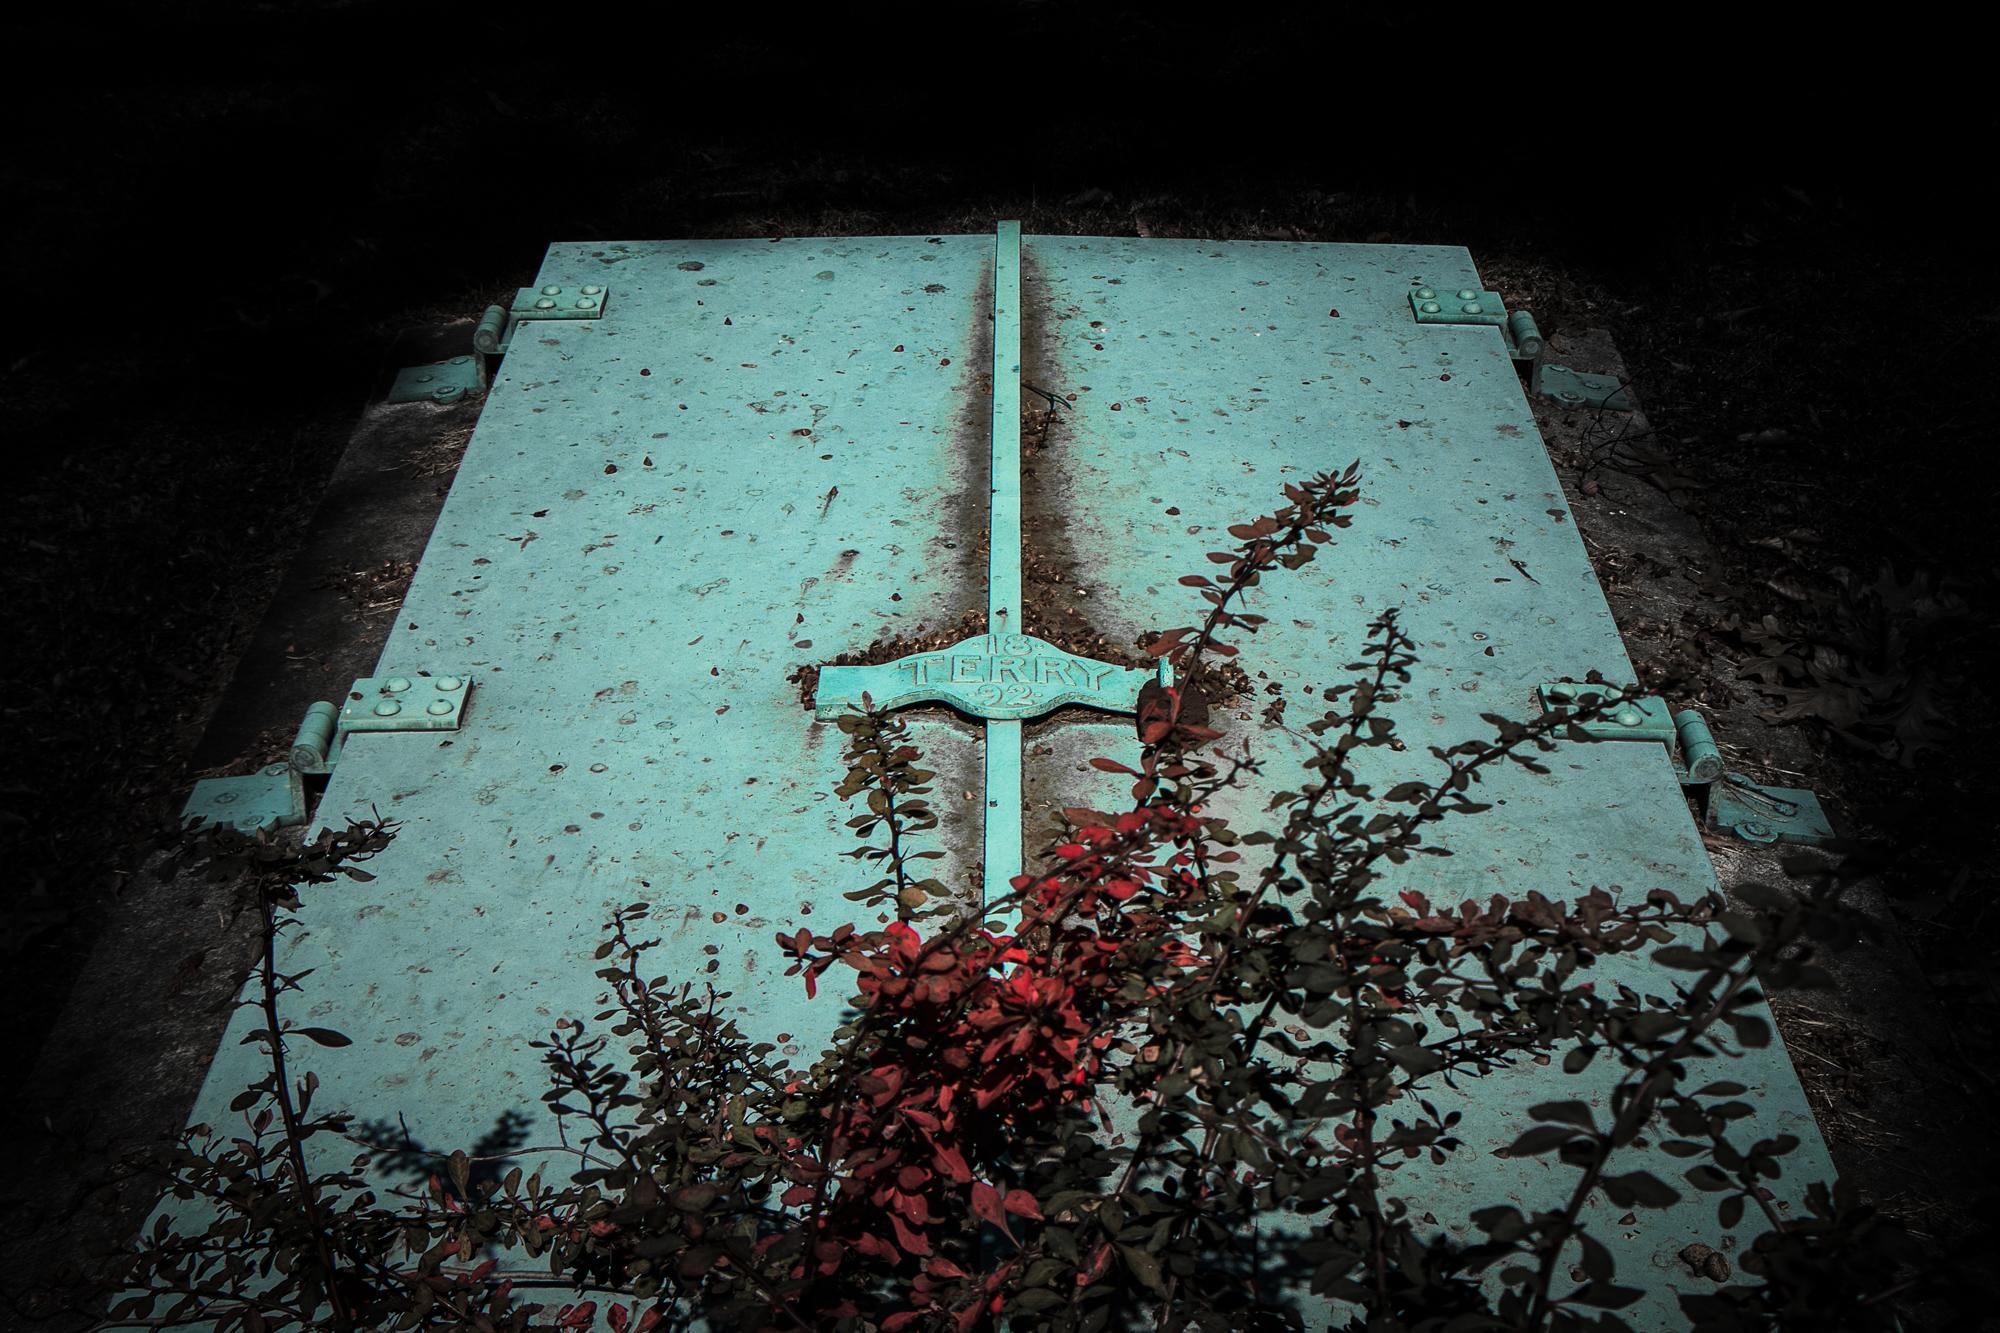 graves-8.jpg